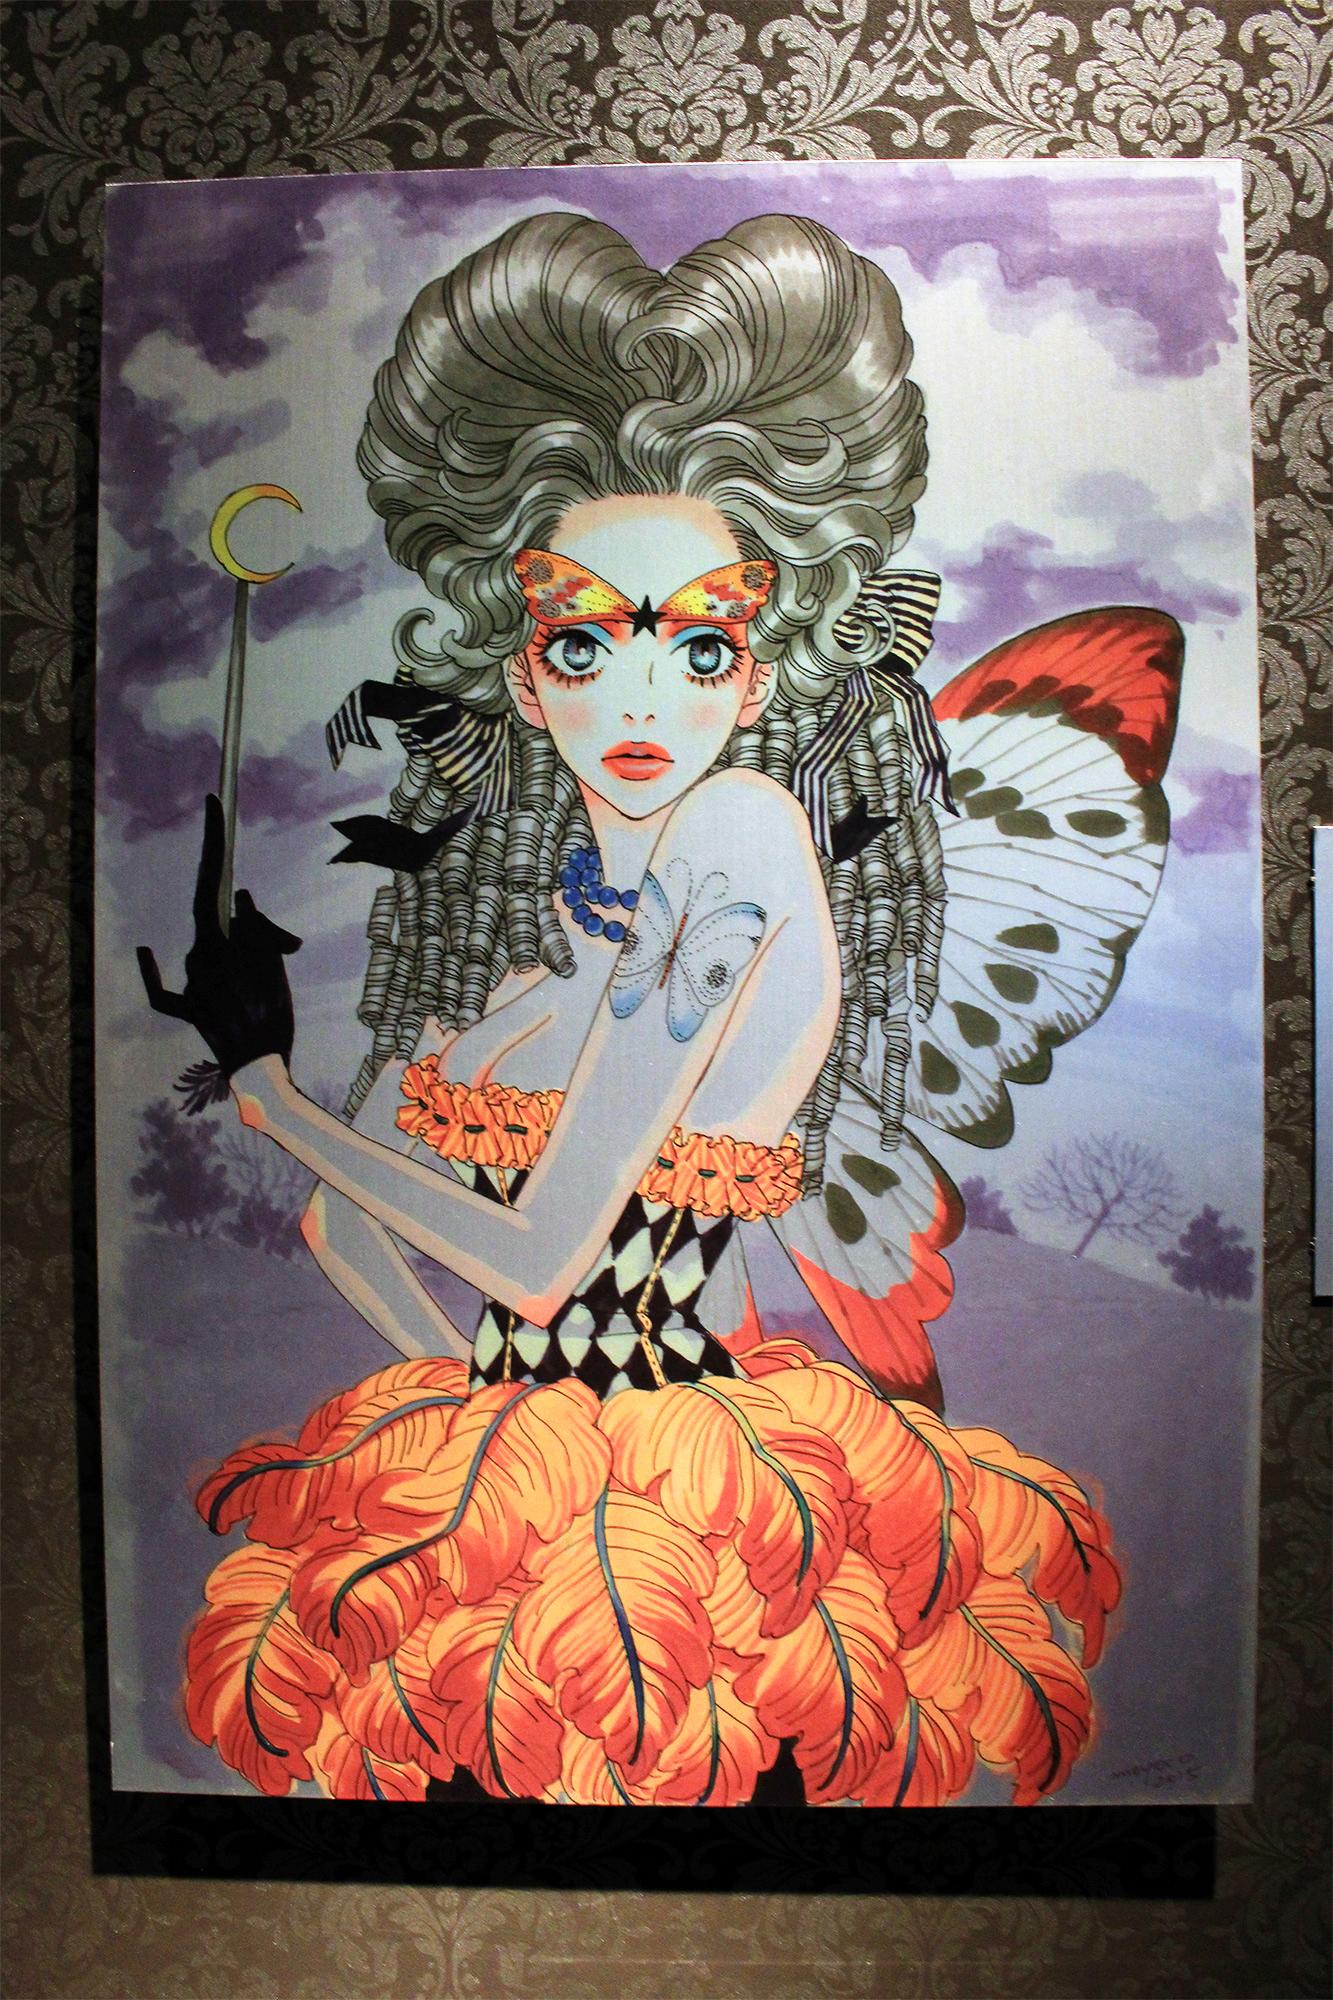 安野モヨコ先生描き下ろし「夕暮れ時の魔女」